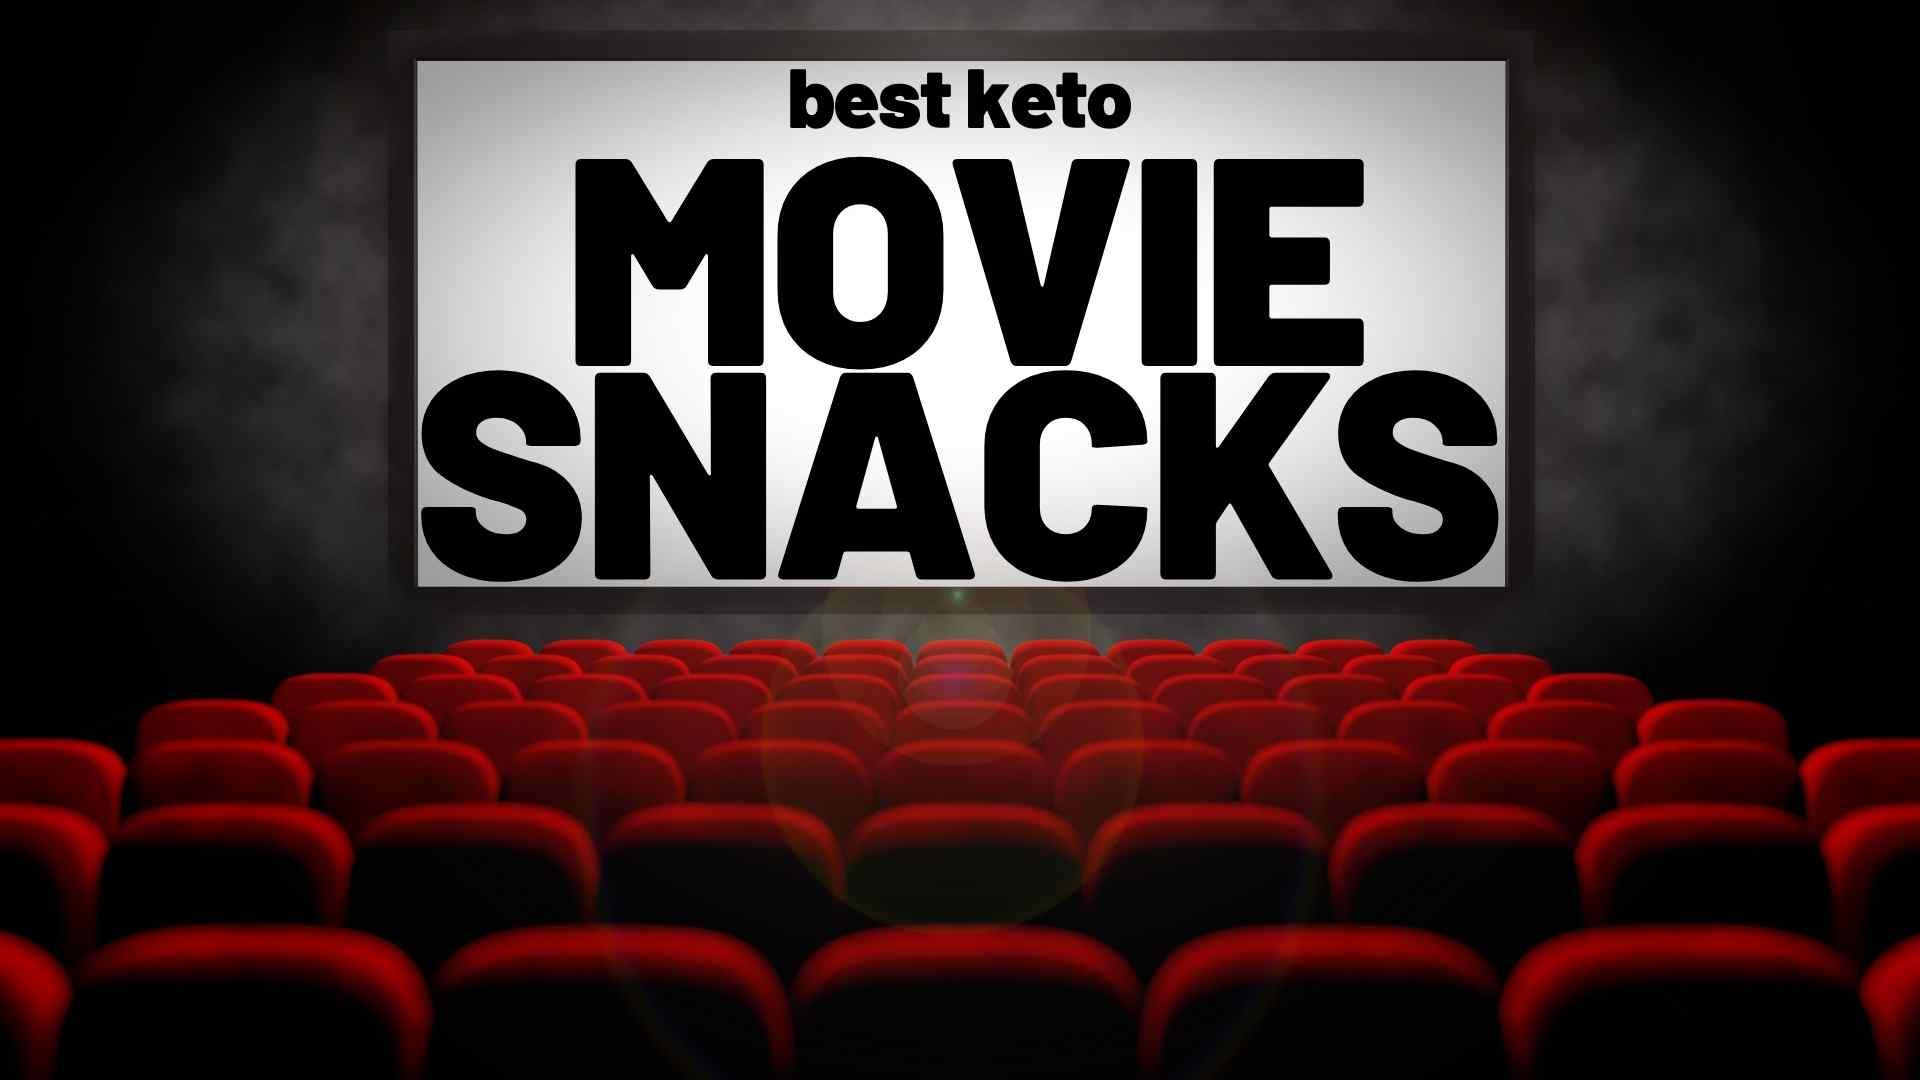 movie-snacks-keto